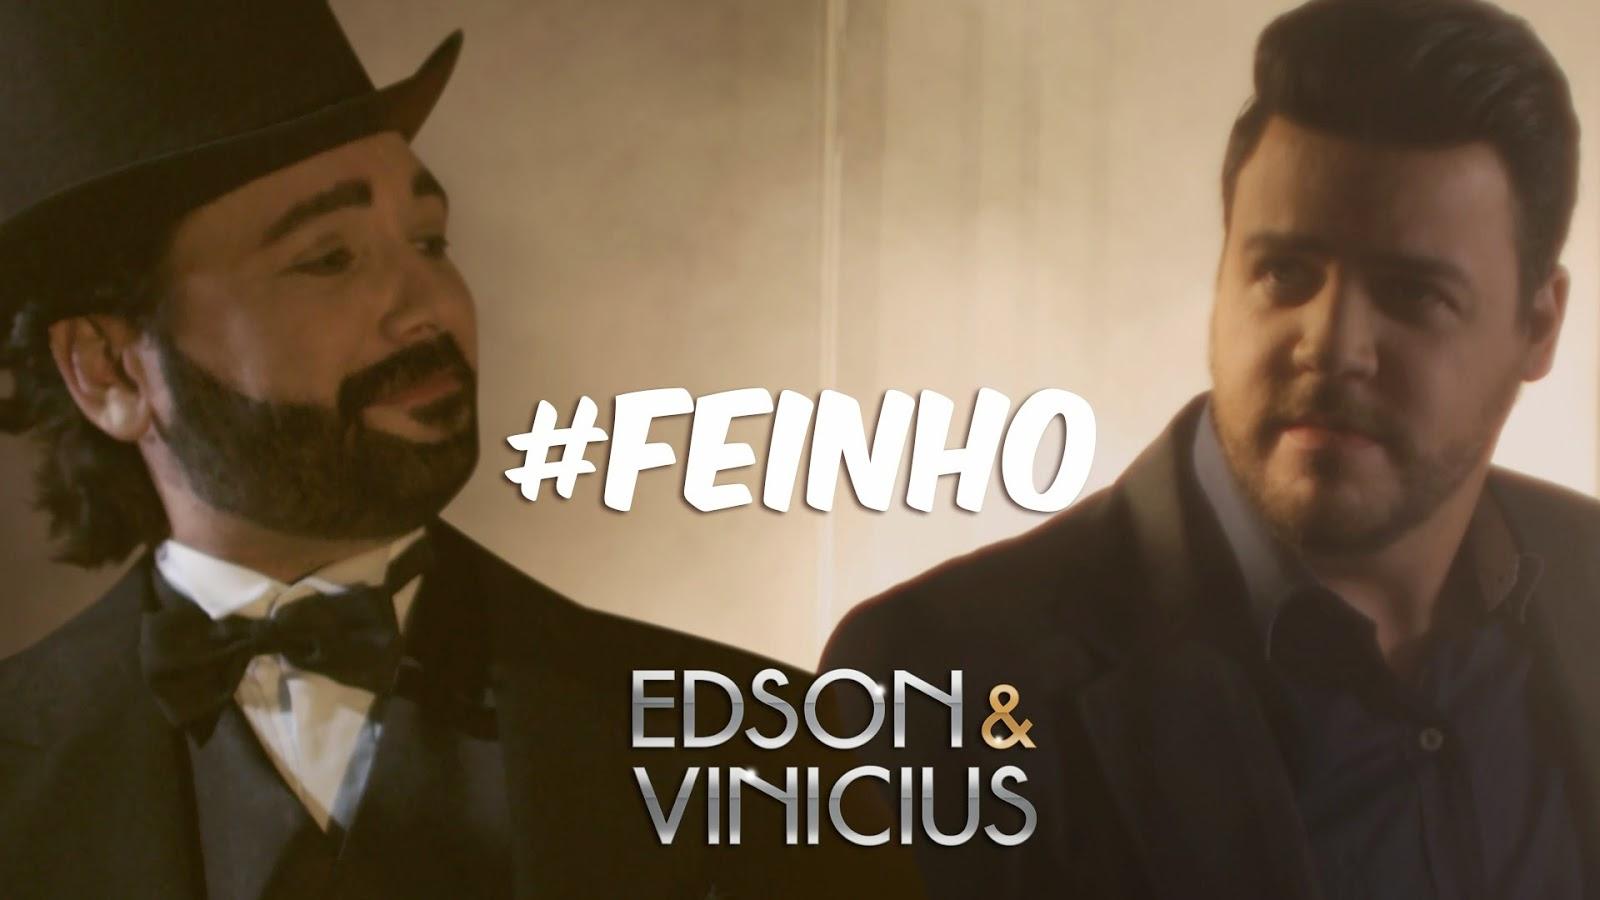 Edson e Vinicius - Feinho